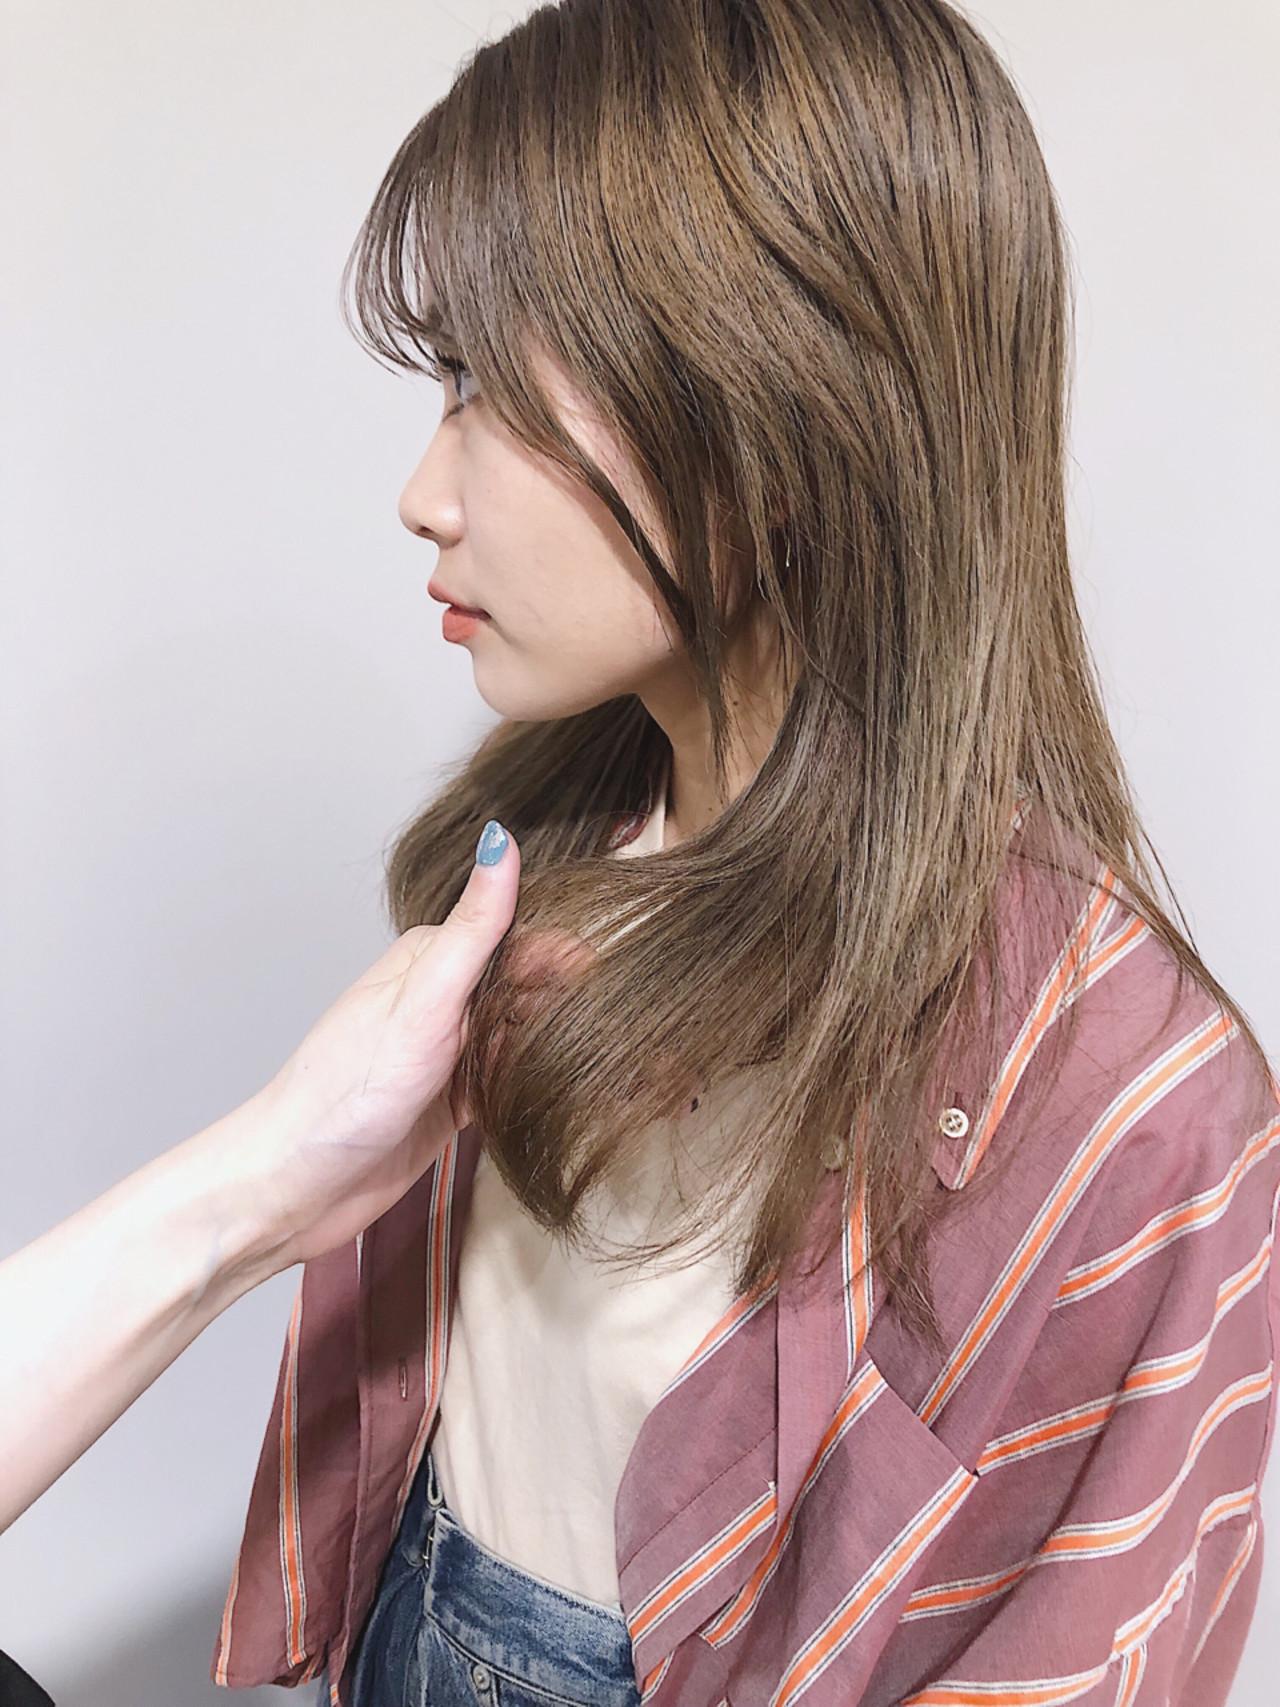 ガーリー 外国人風カラー ミディアム アンニュイほつれヘア ヘアスタイルや髪型の写真・画像